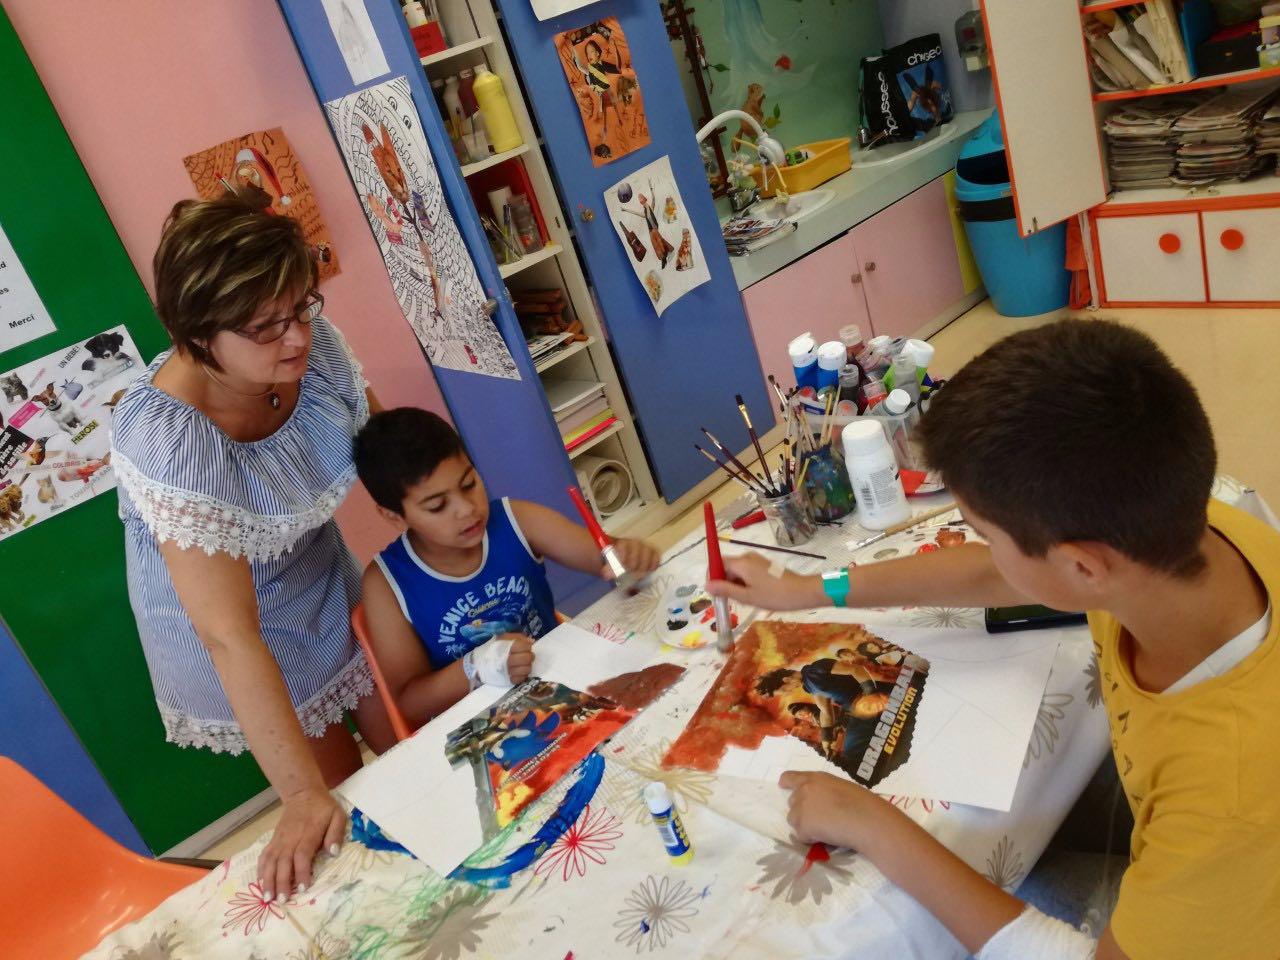 Céline encadre l'atelier, ci-dessous avec deux enfants